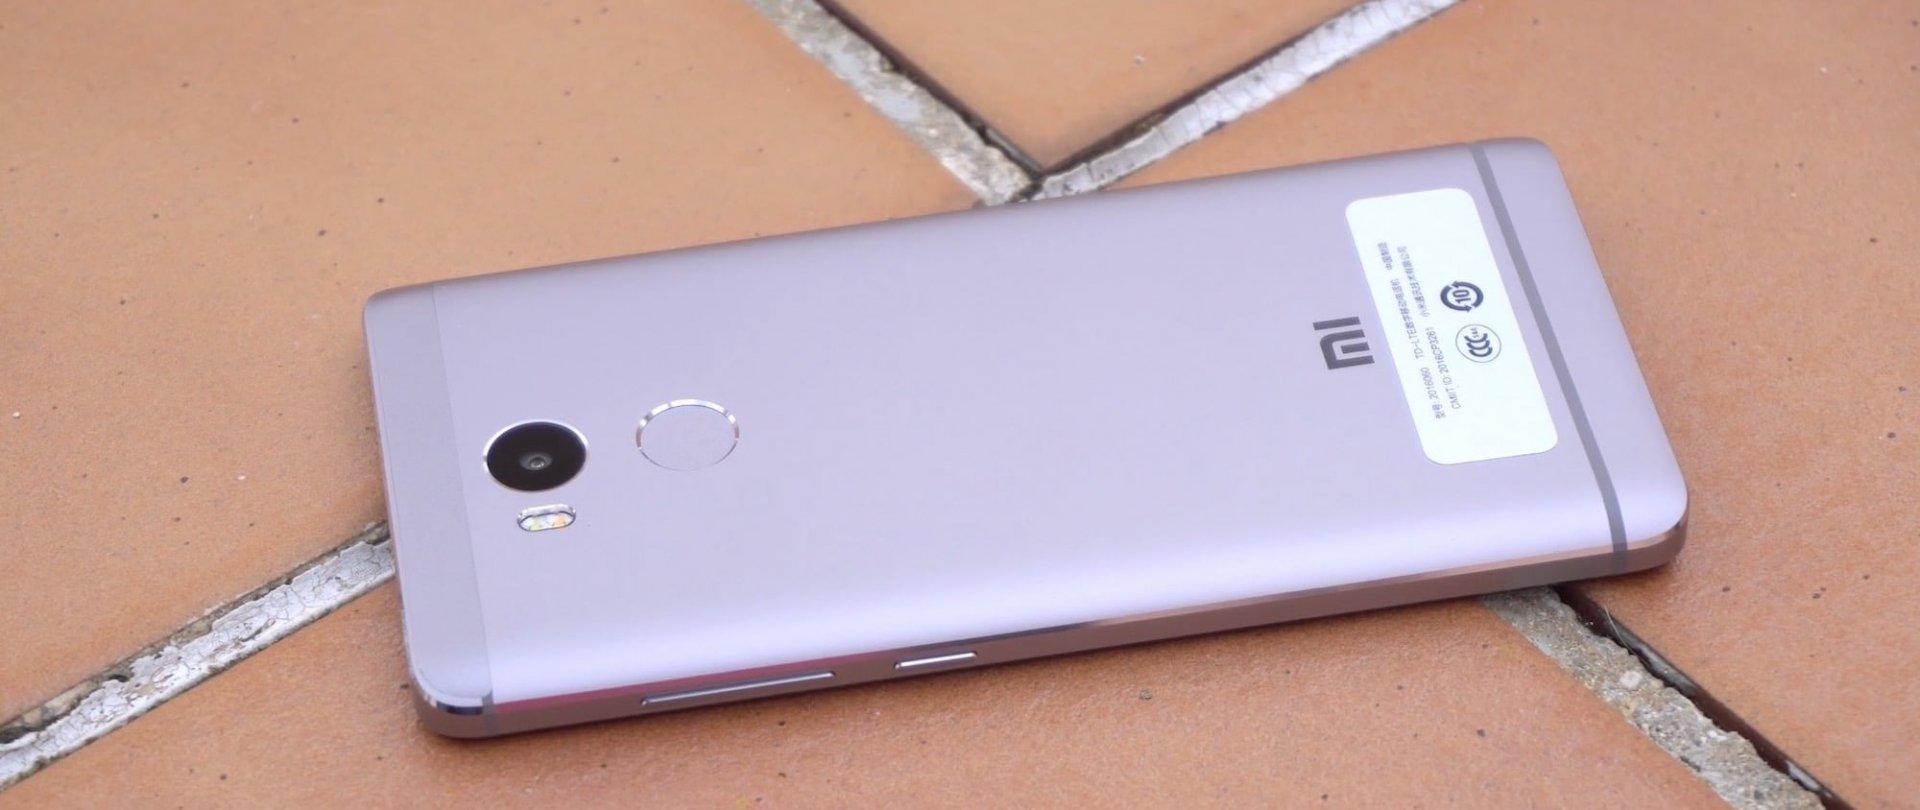 Xiaomi redmi 4 pro батарея сколько держит комплект fly more phantom выгодно